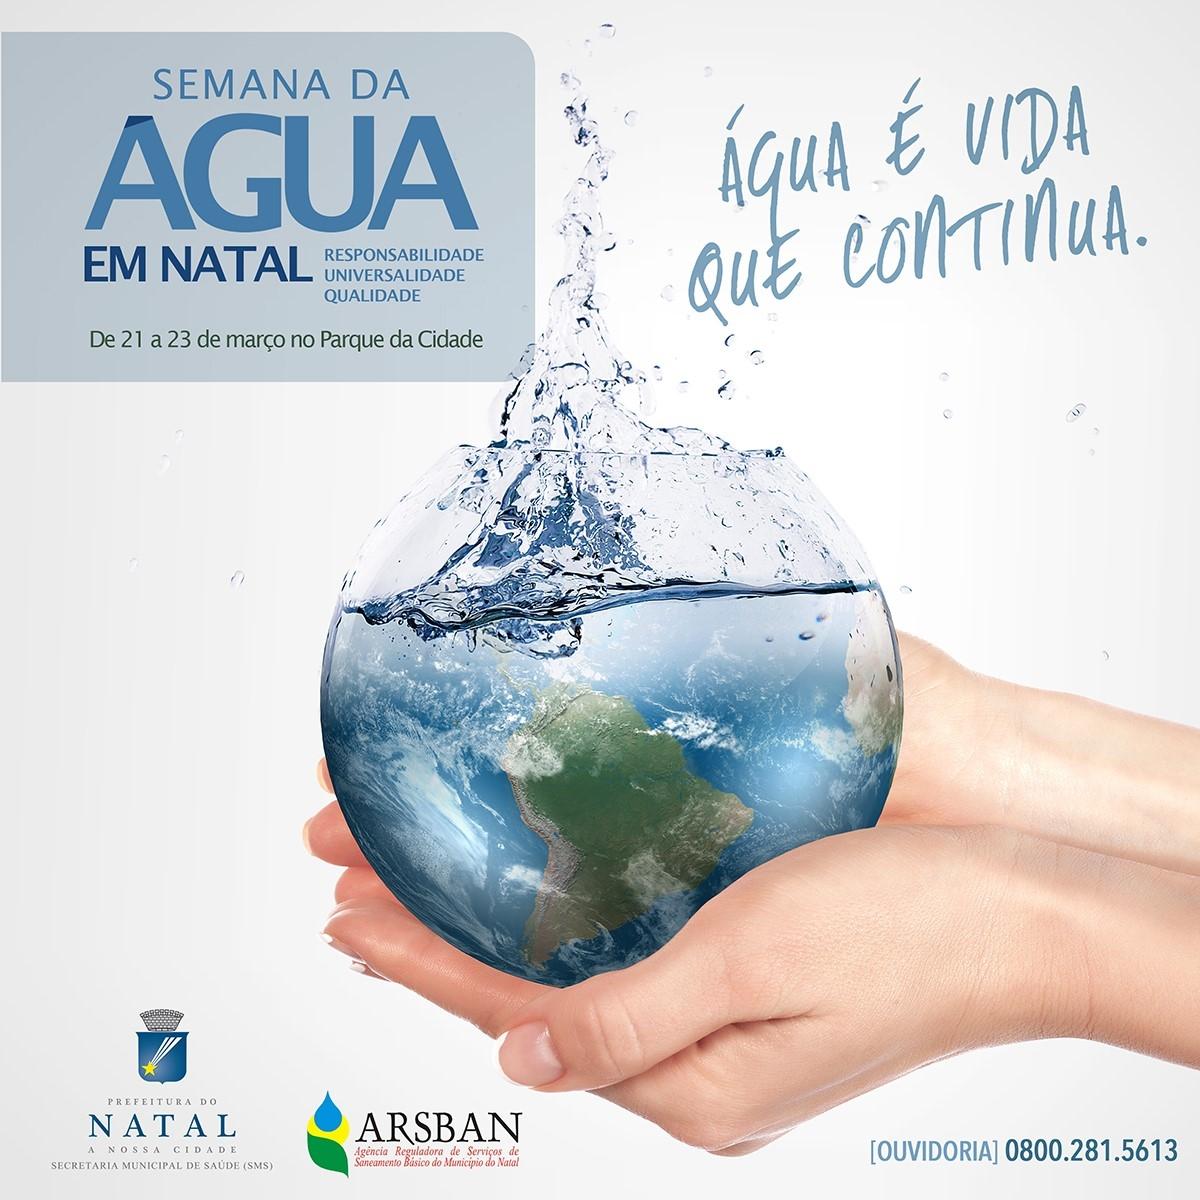 Semana da Água_ARSBAN